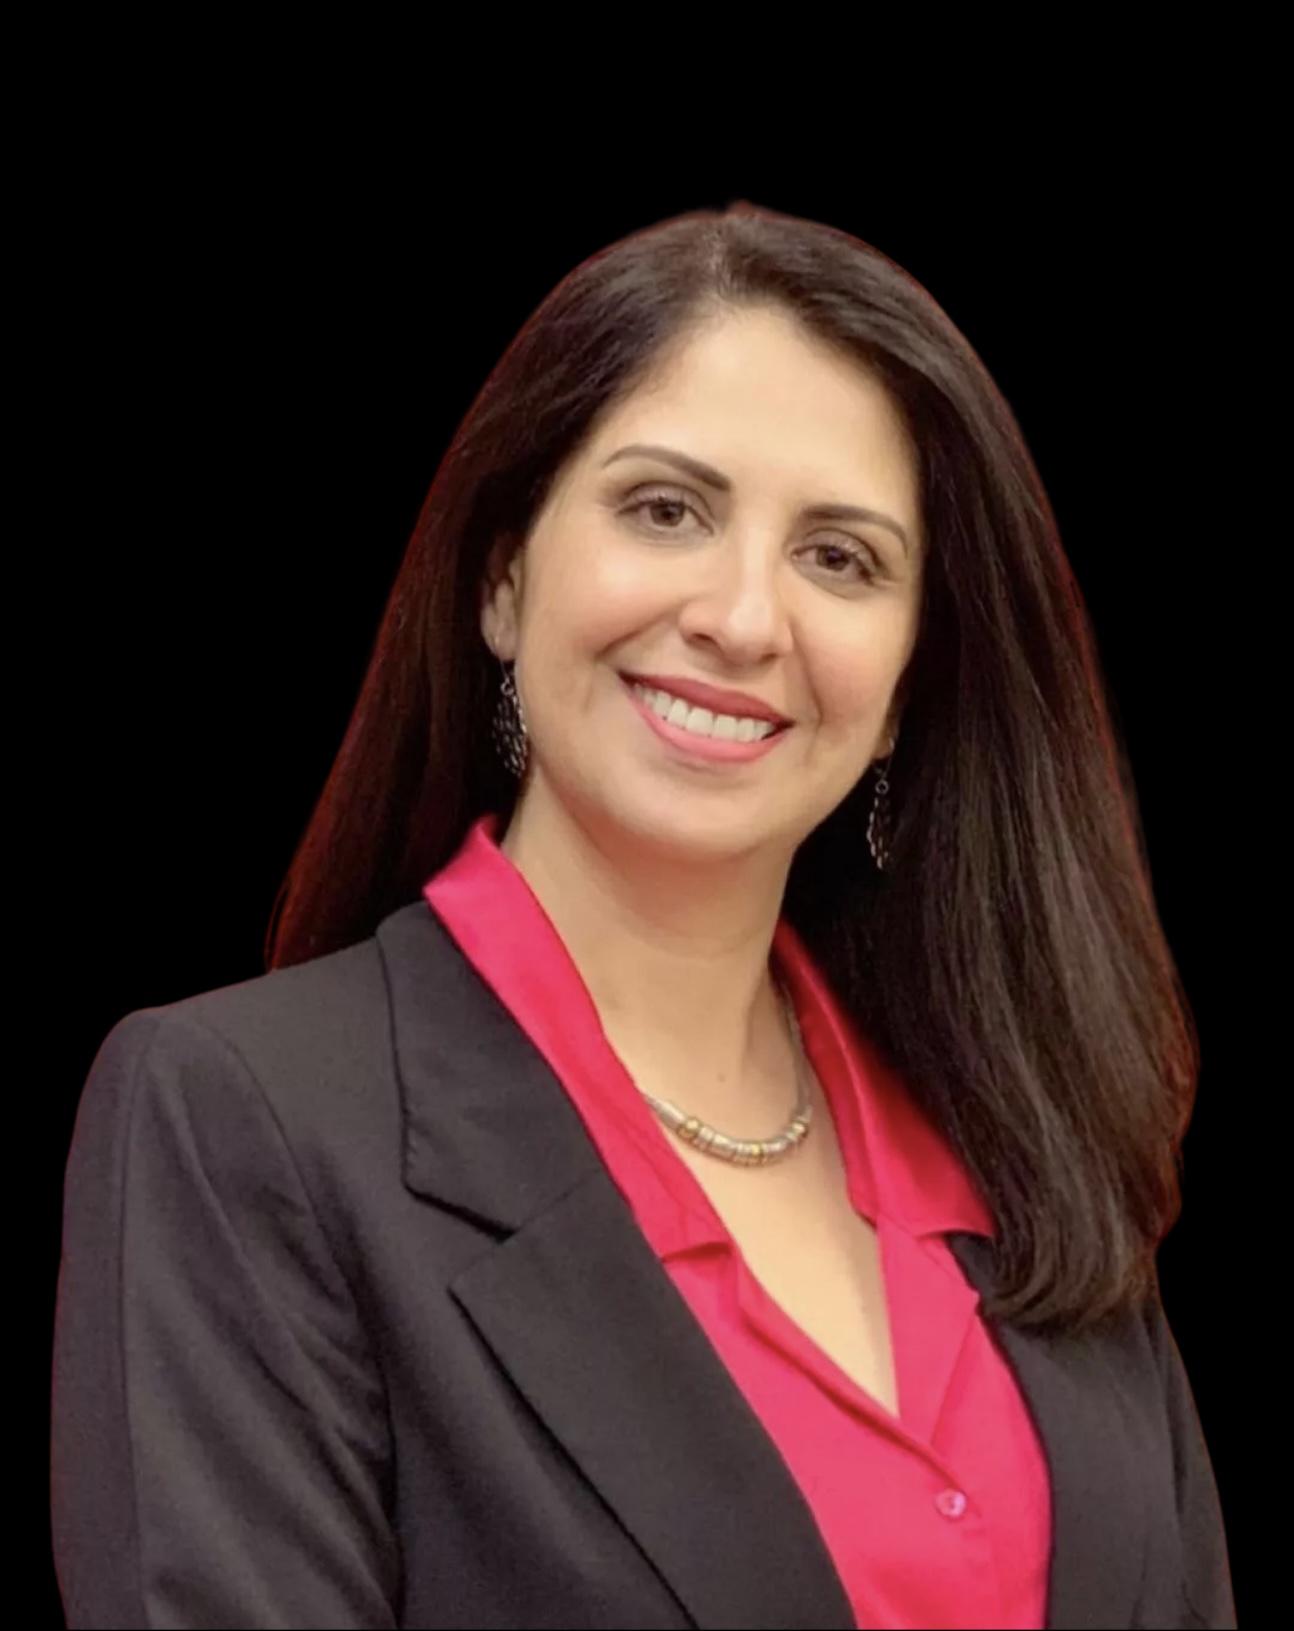 Sandra Coronado